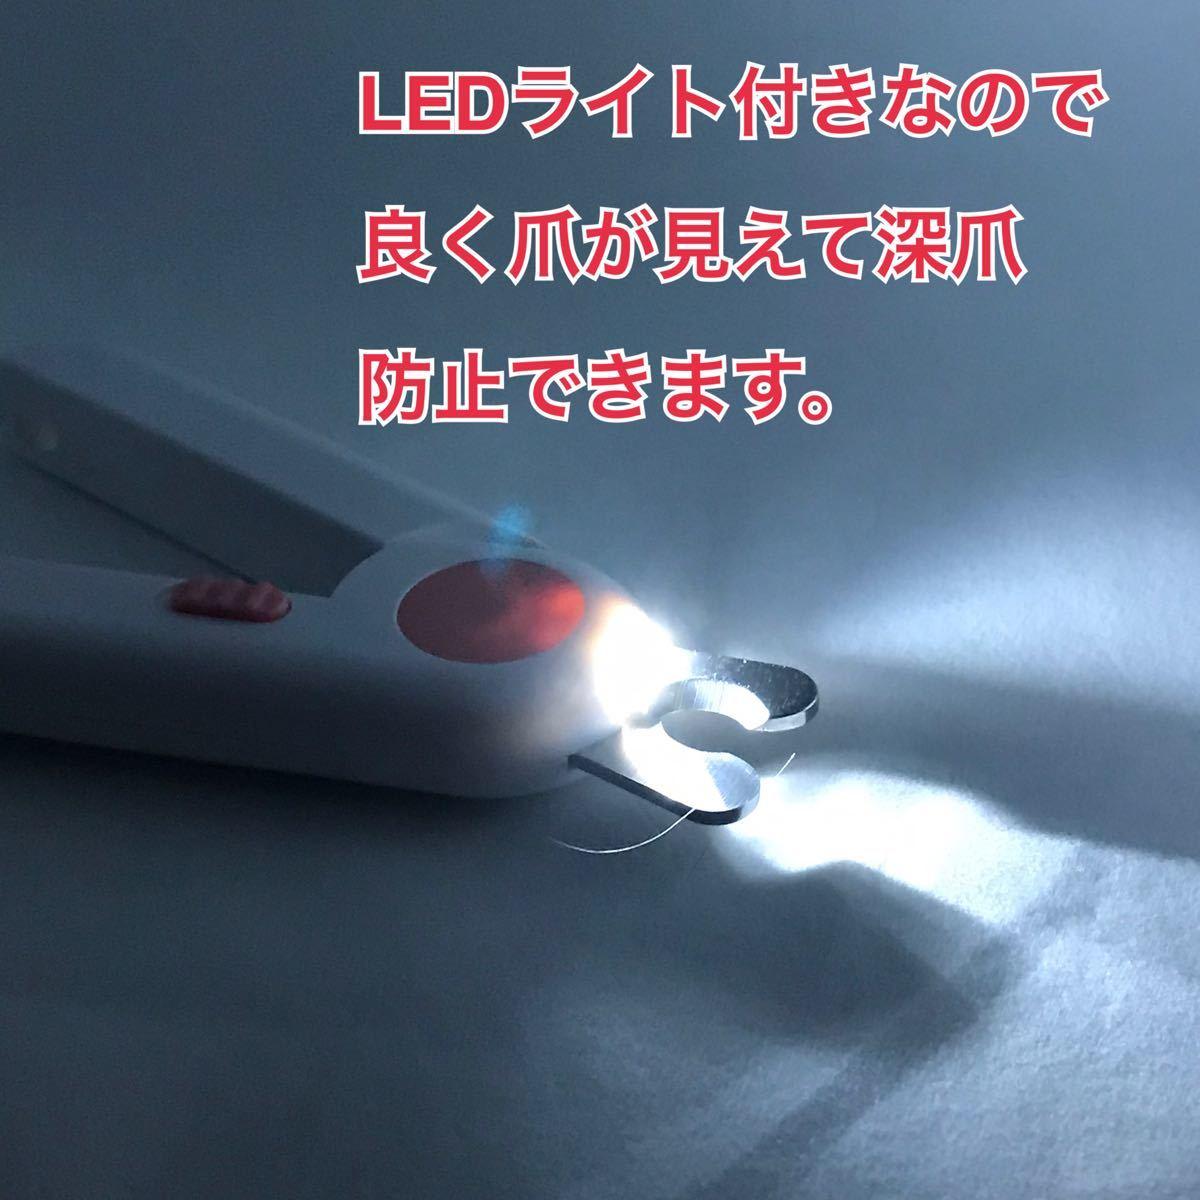 猫犬 ペット用 爪切り 中小型猫犬 LEDライト付